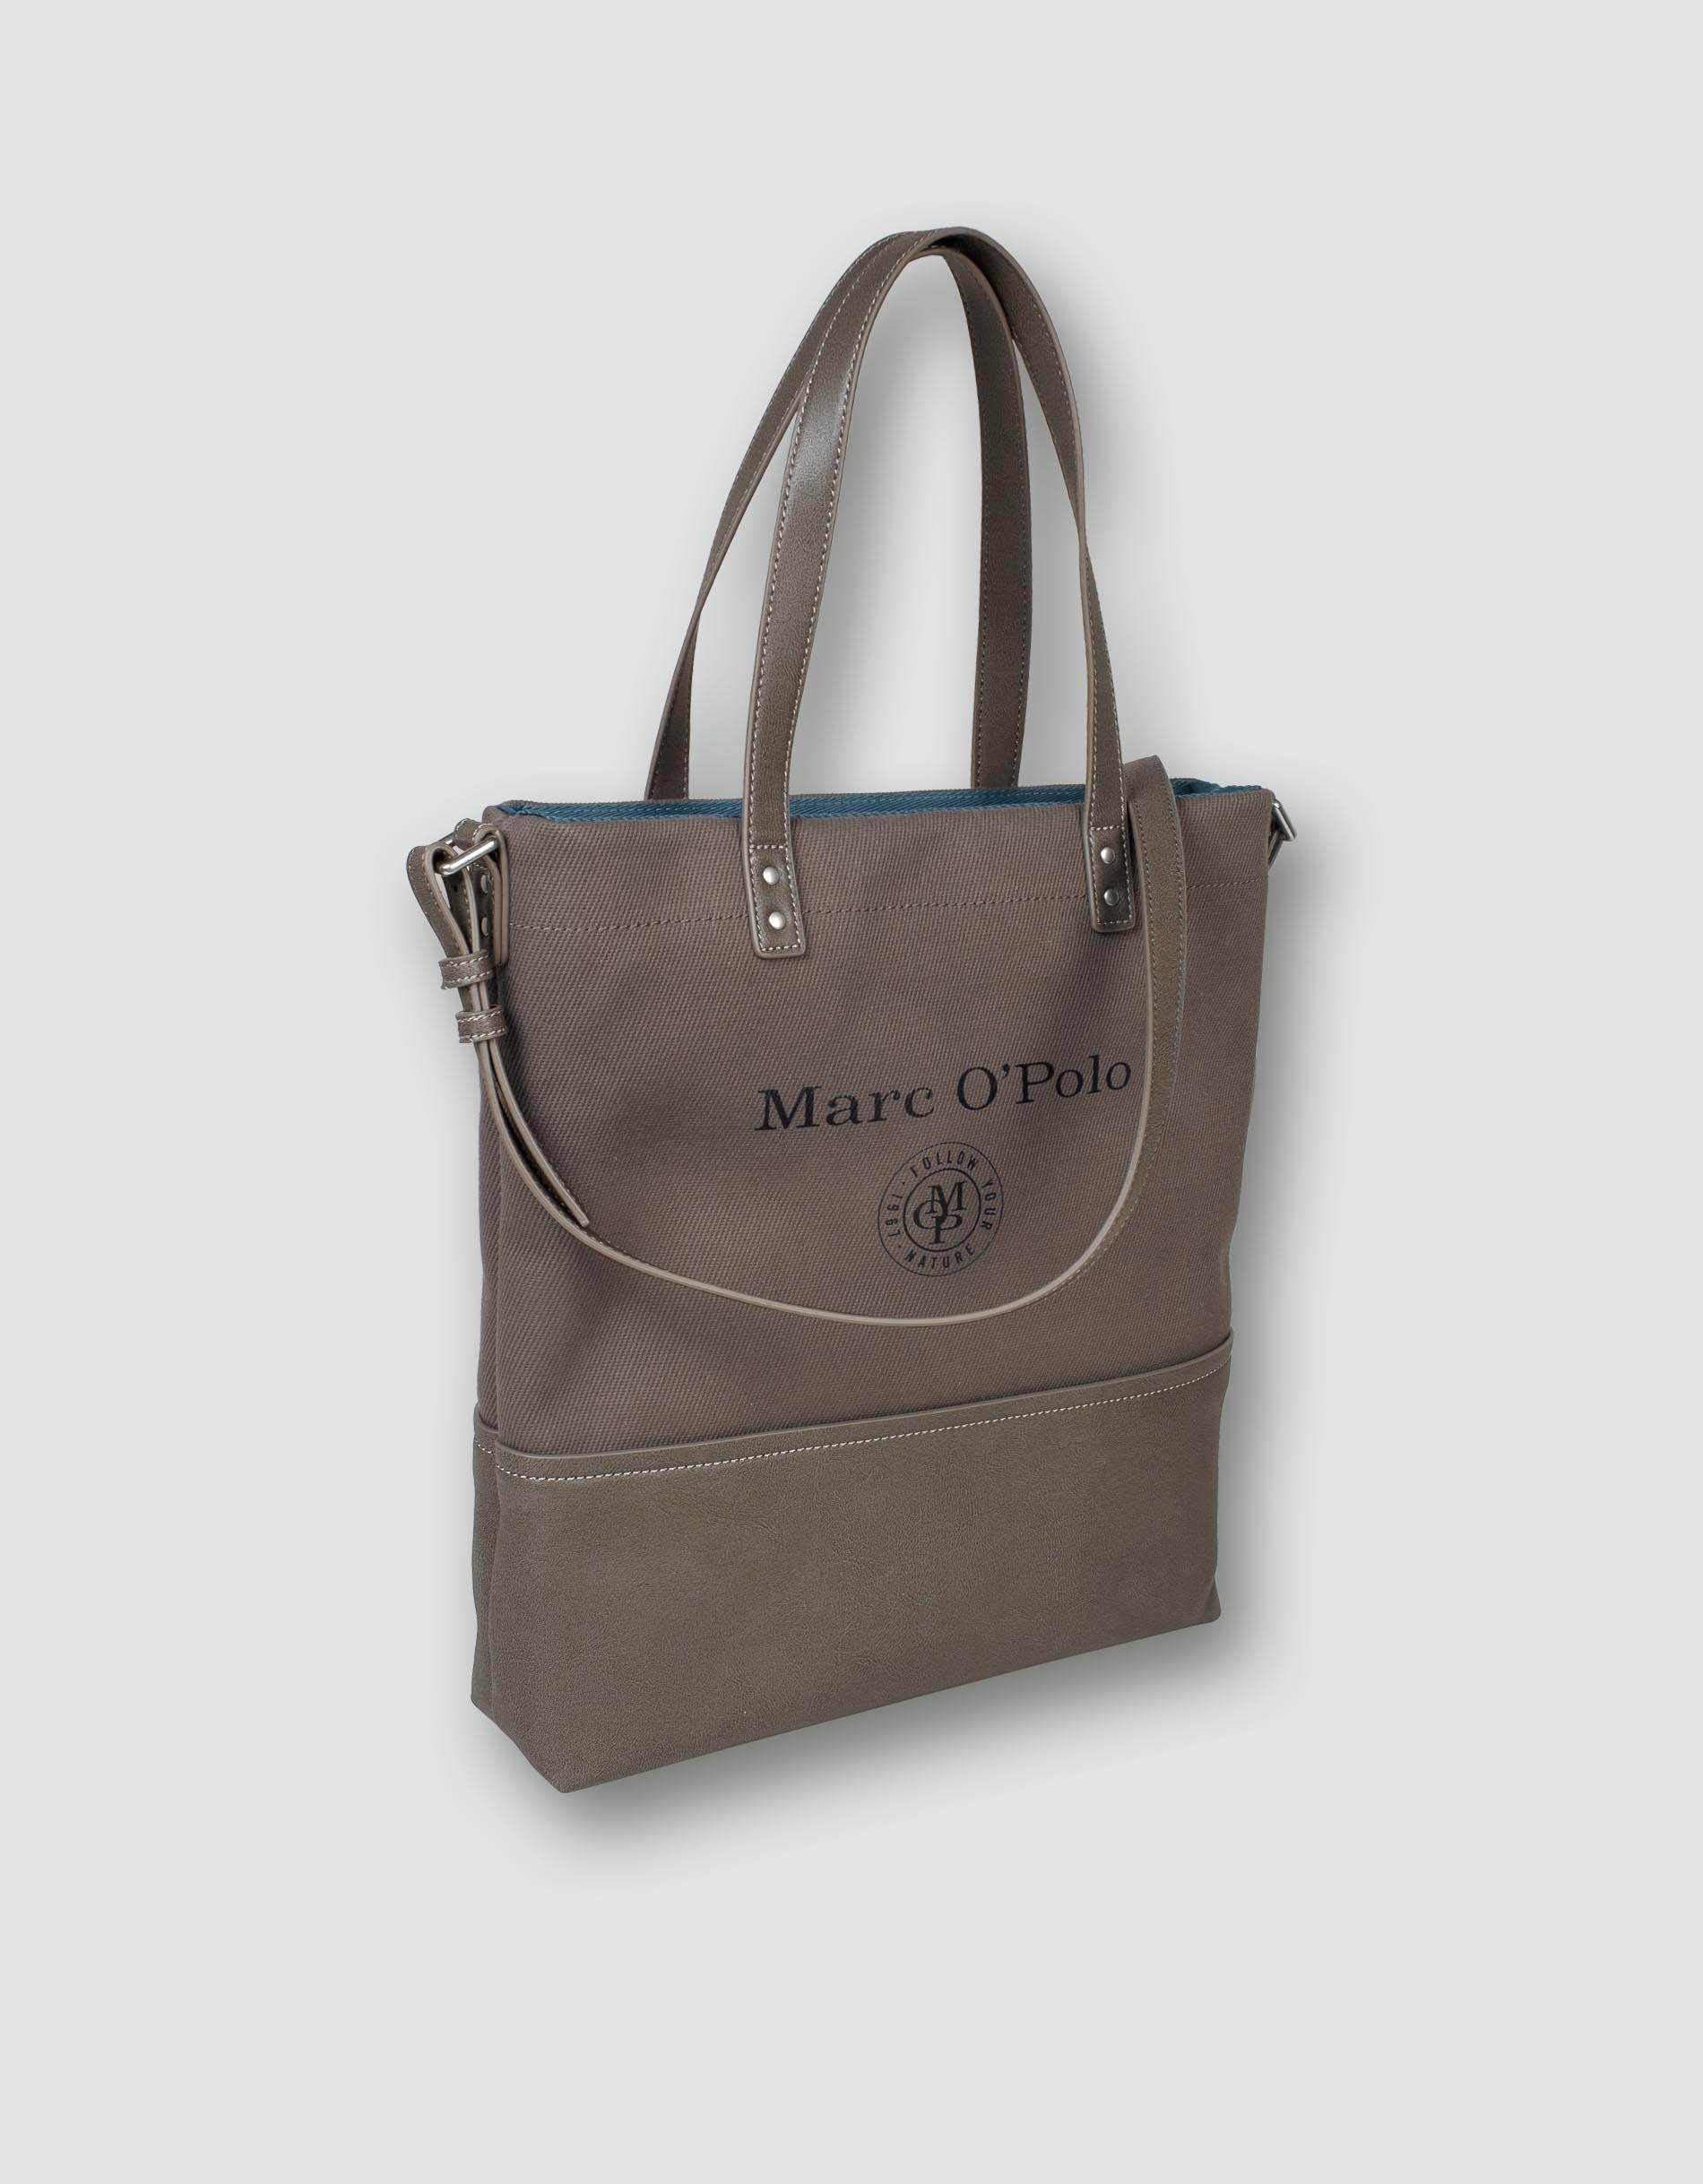 a6474c6e4e62c Marc O Polo Damen Tasche mit verschiedenen Tragevarianten empfohlen von  Deinen Schwestern